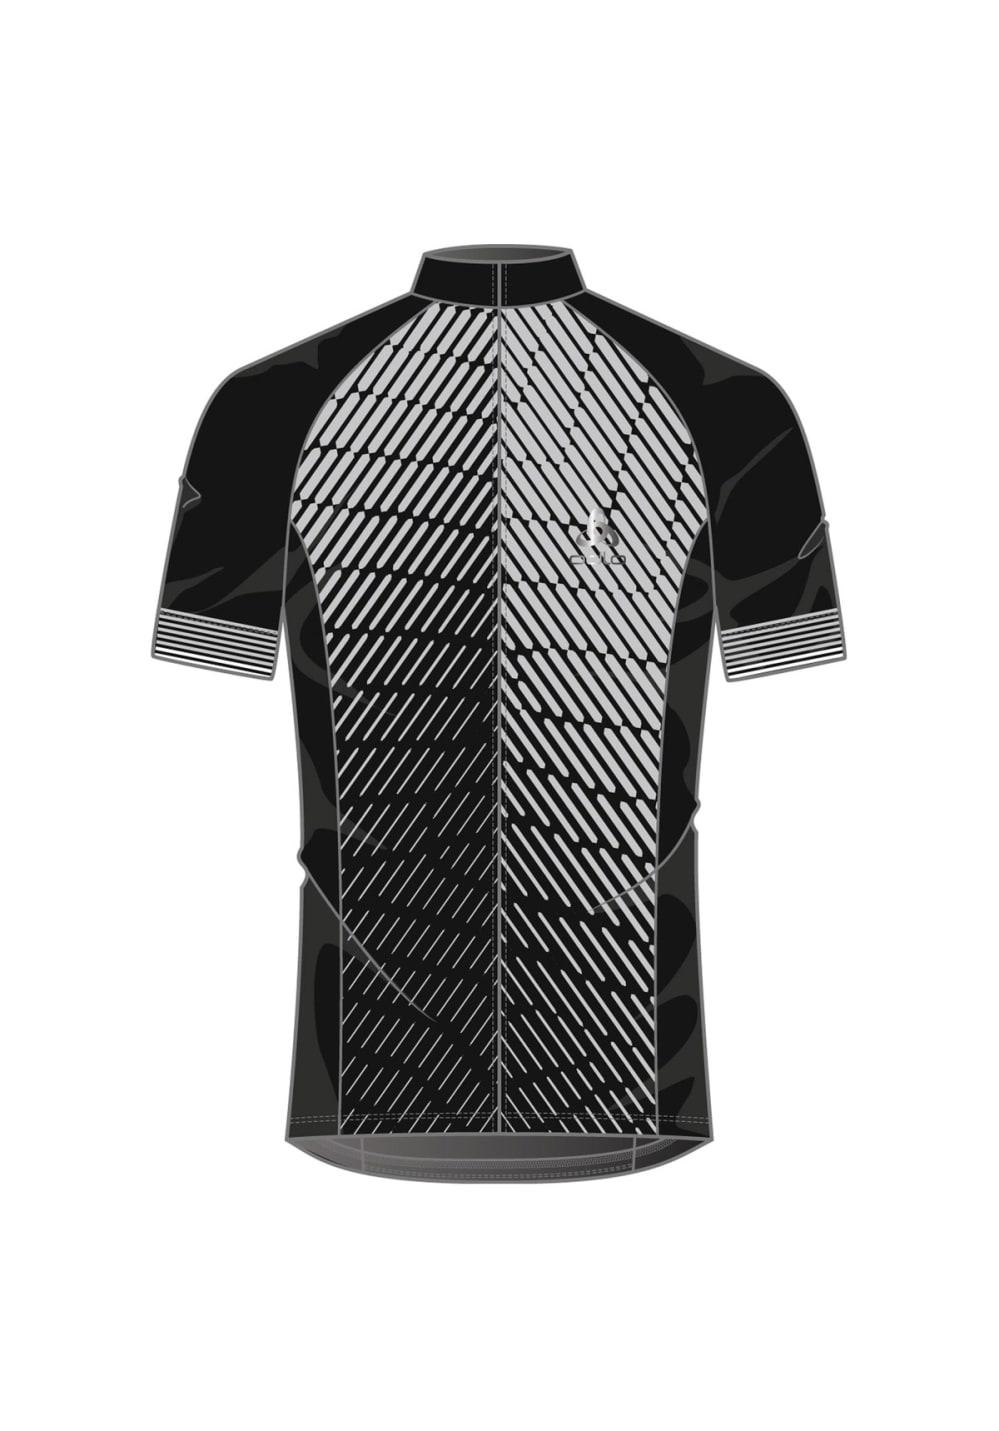 Odlo Stand-Up Collar Short Sleeve Full Zip - Radtrikots für Herren - Schwarz, G